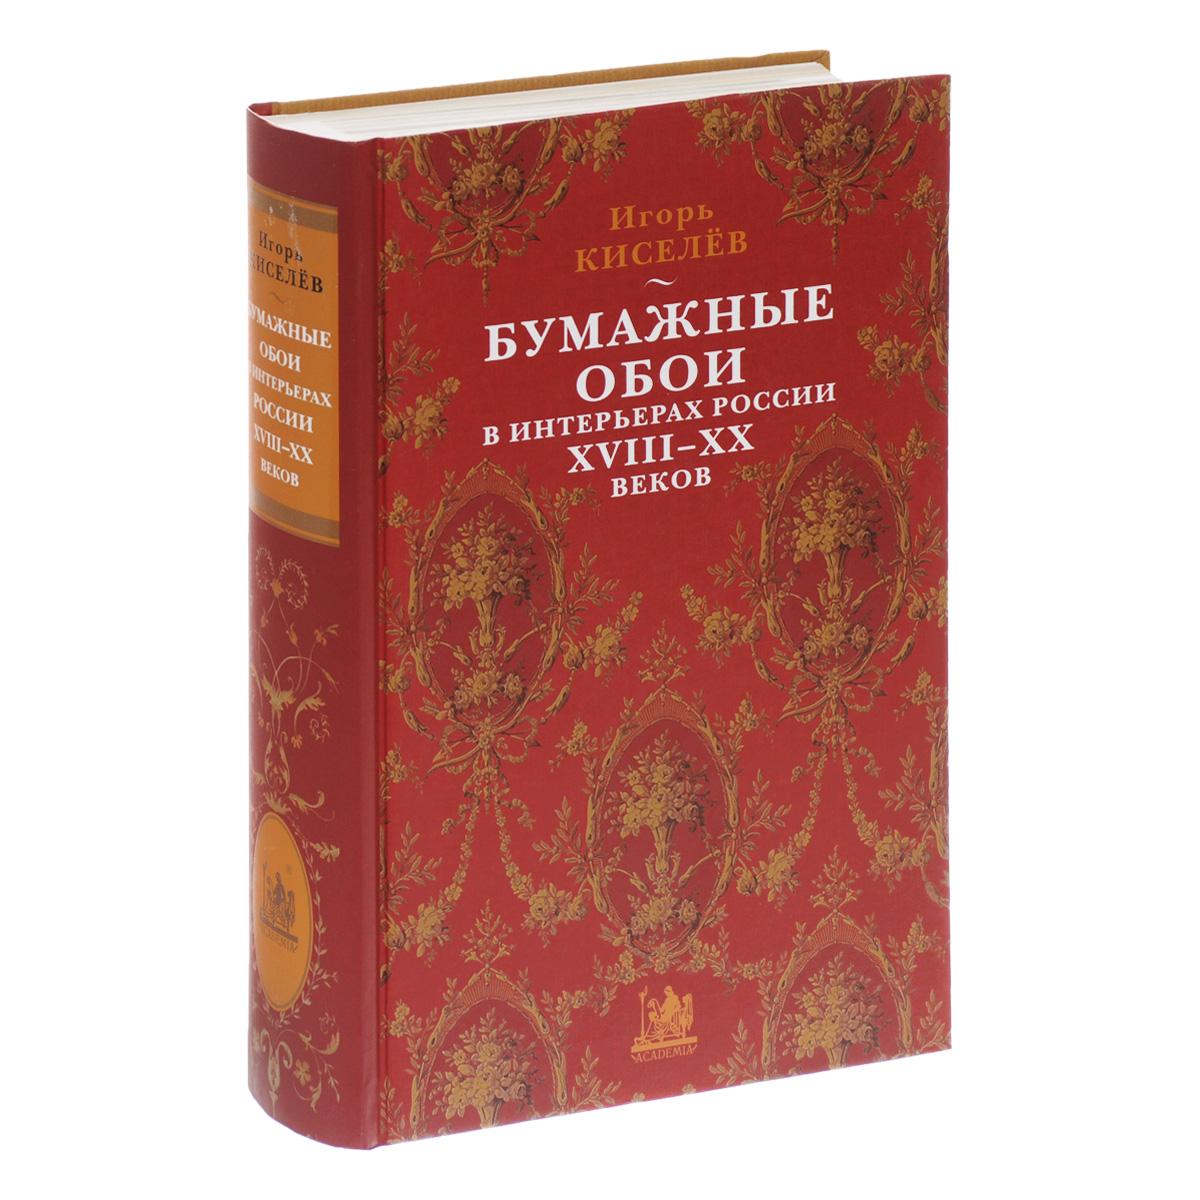 Игорь Киселев Бумажные обои в интерьерах России XVIII-XX веков